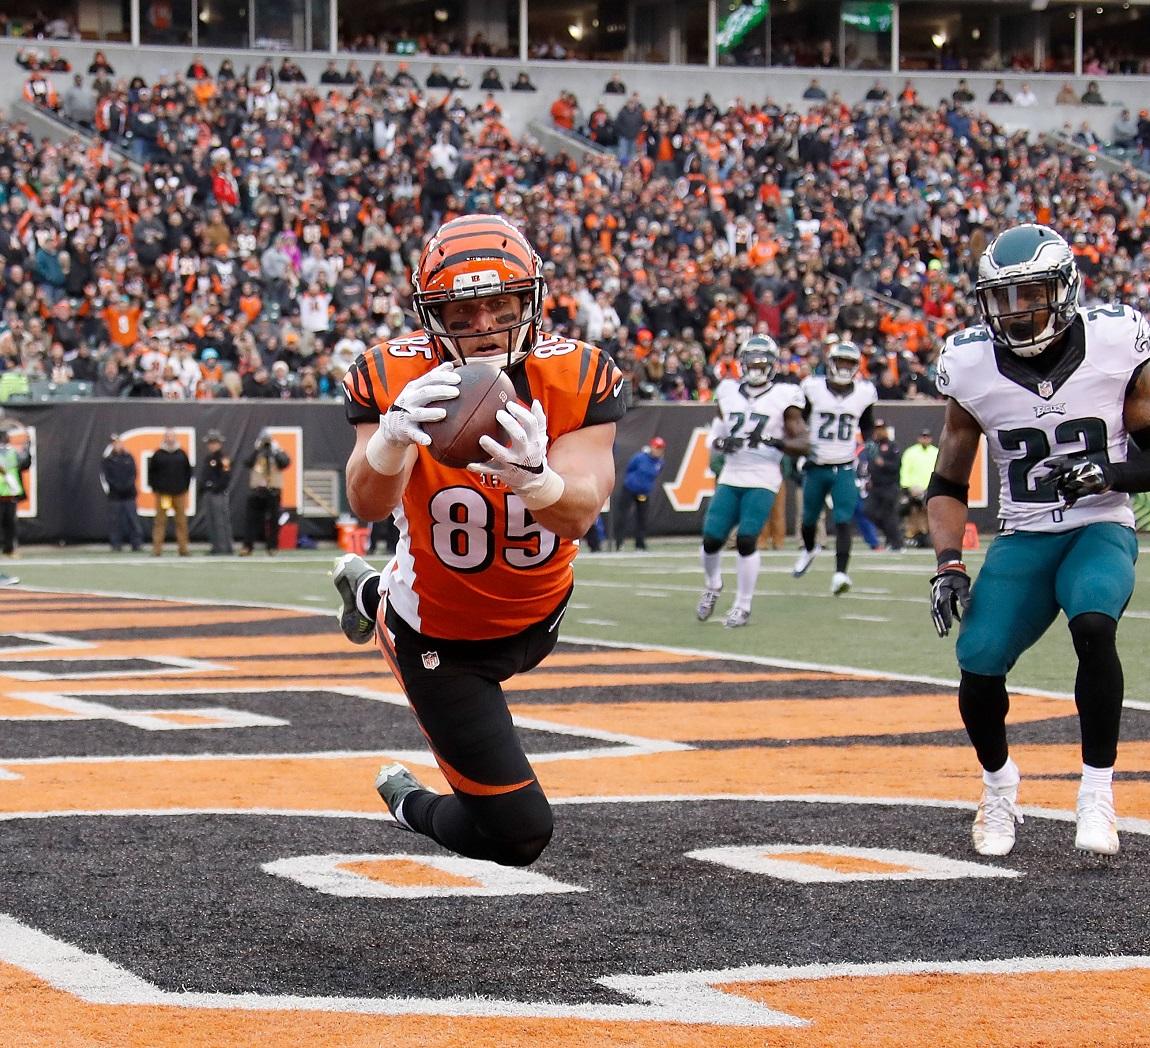 Tyler Eifert Cincinnati Bengals TE R NFL and PFF stats